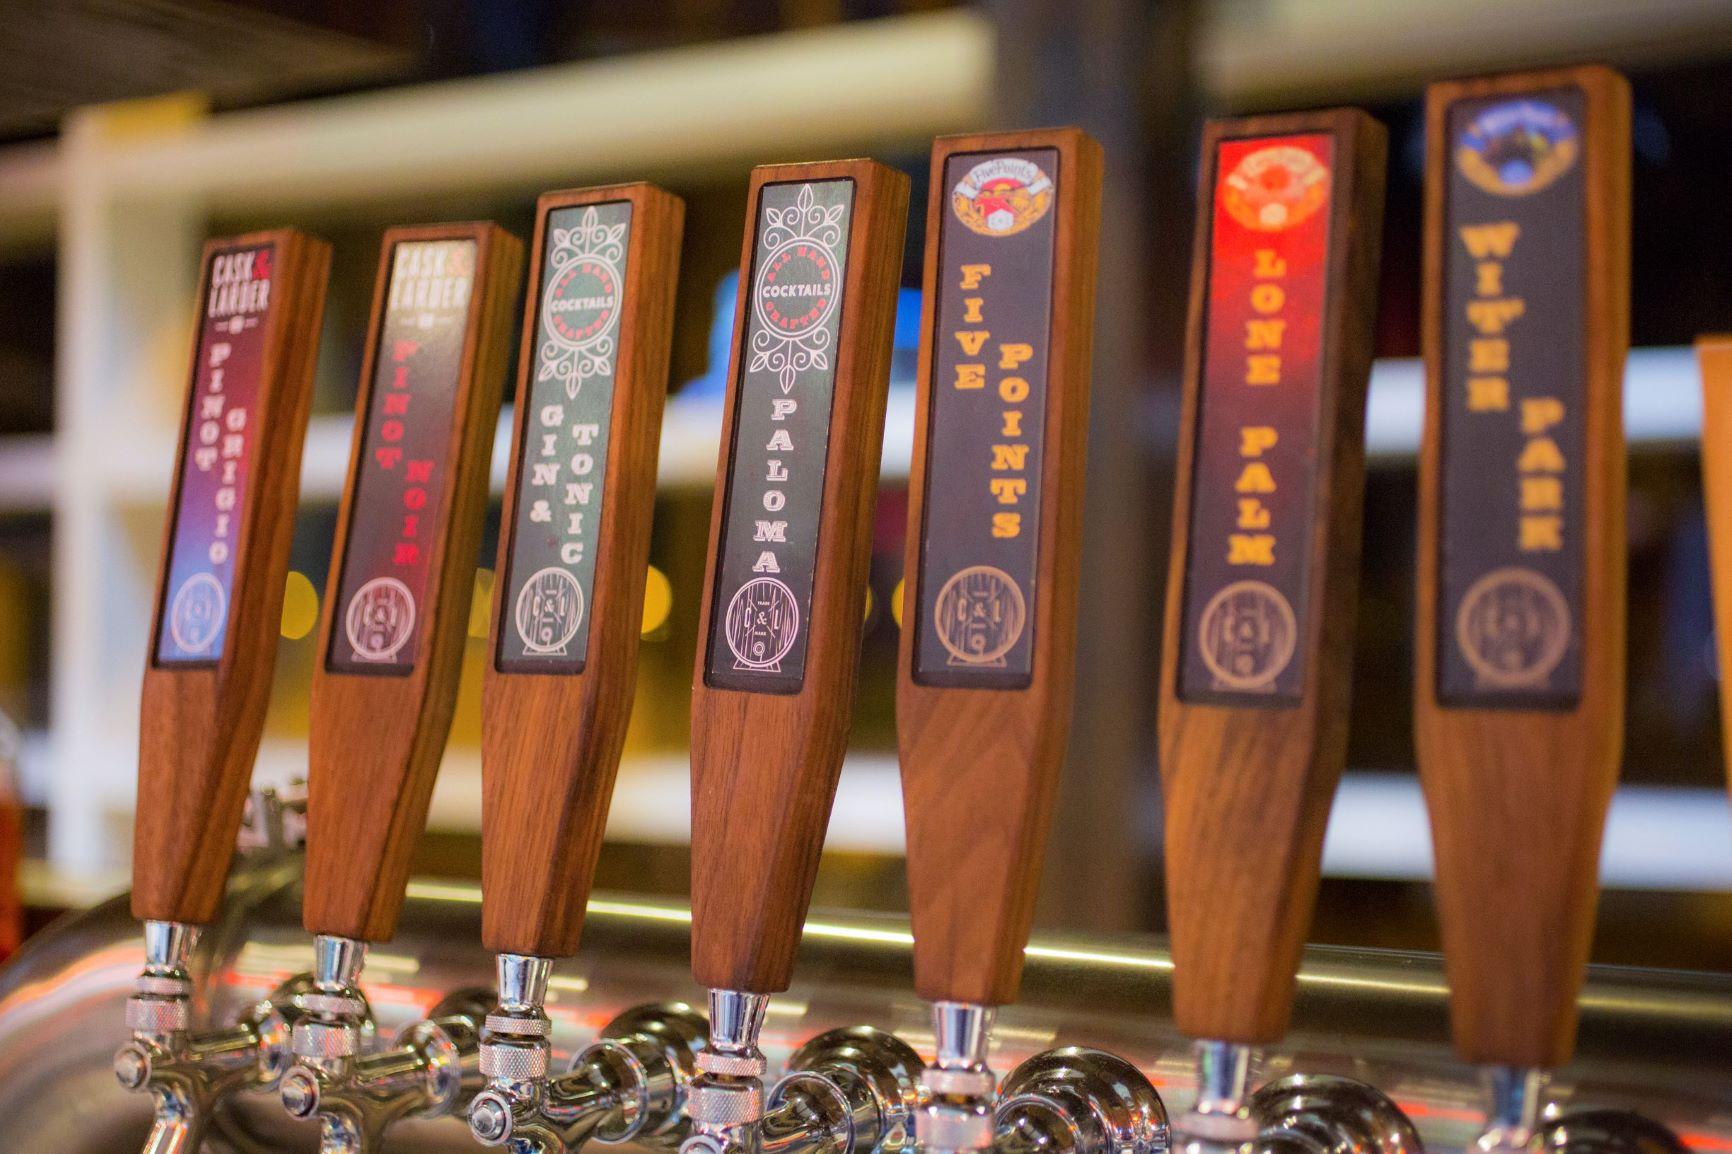 Cask & Larder Beer Taps